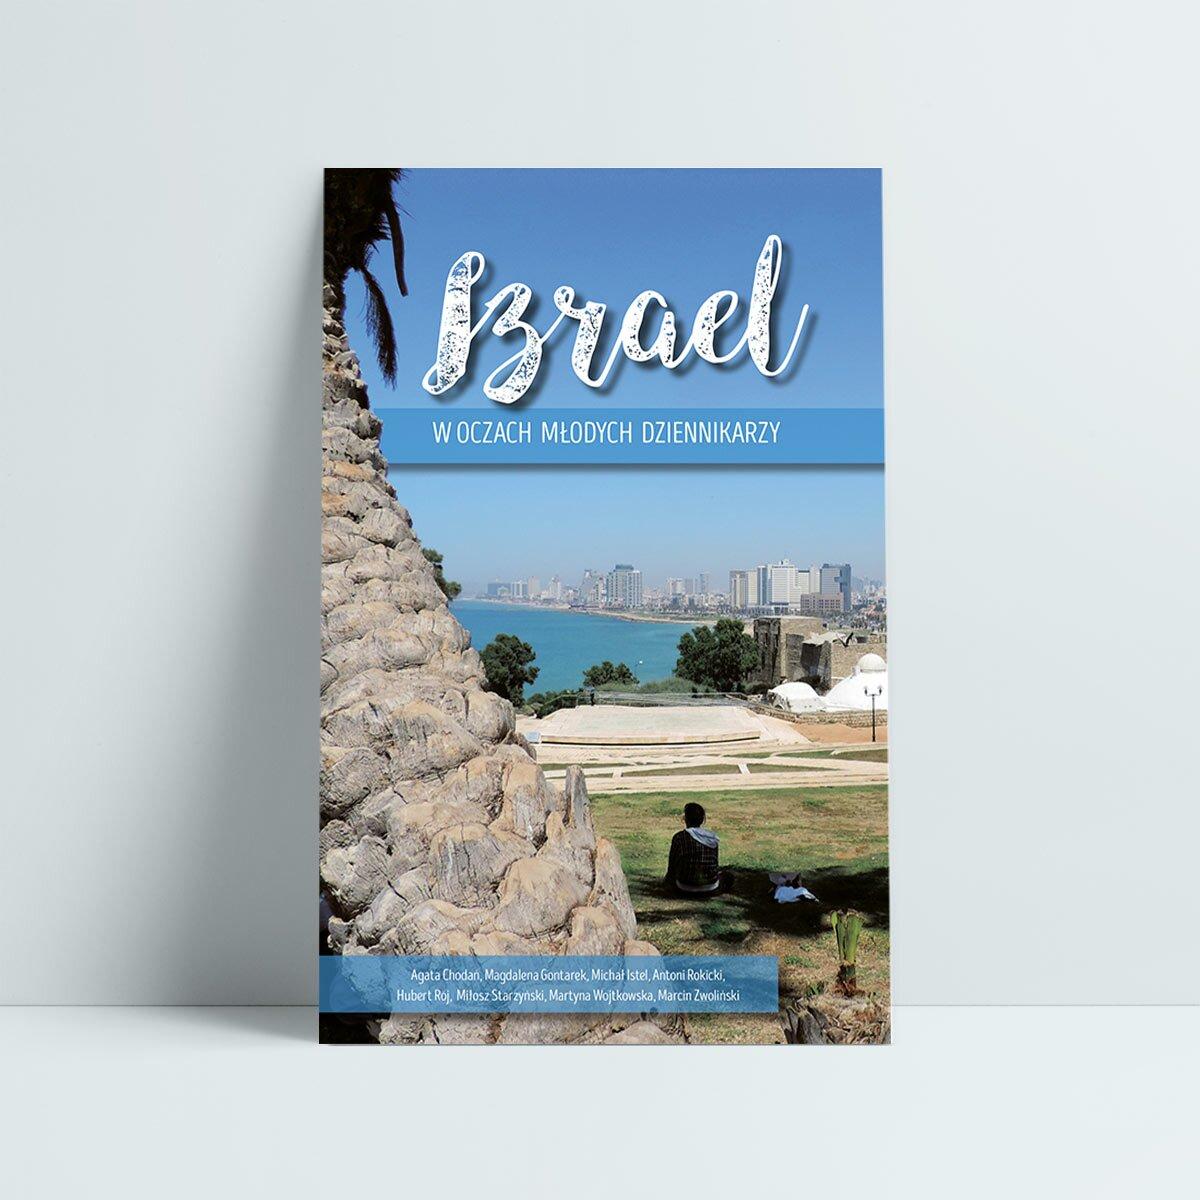 Izrael w oczach młodych dziennikarzy uniwersytet warszawski wydział dziennikarstwa